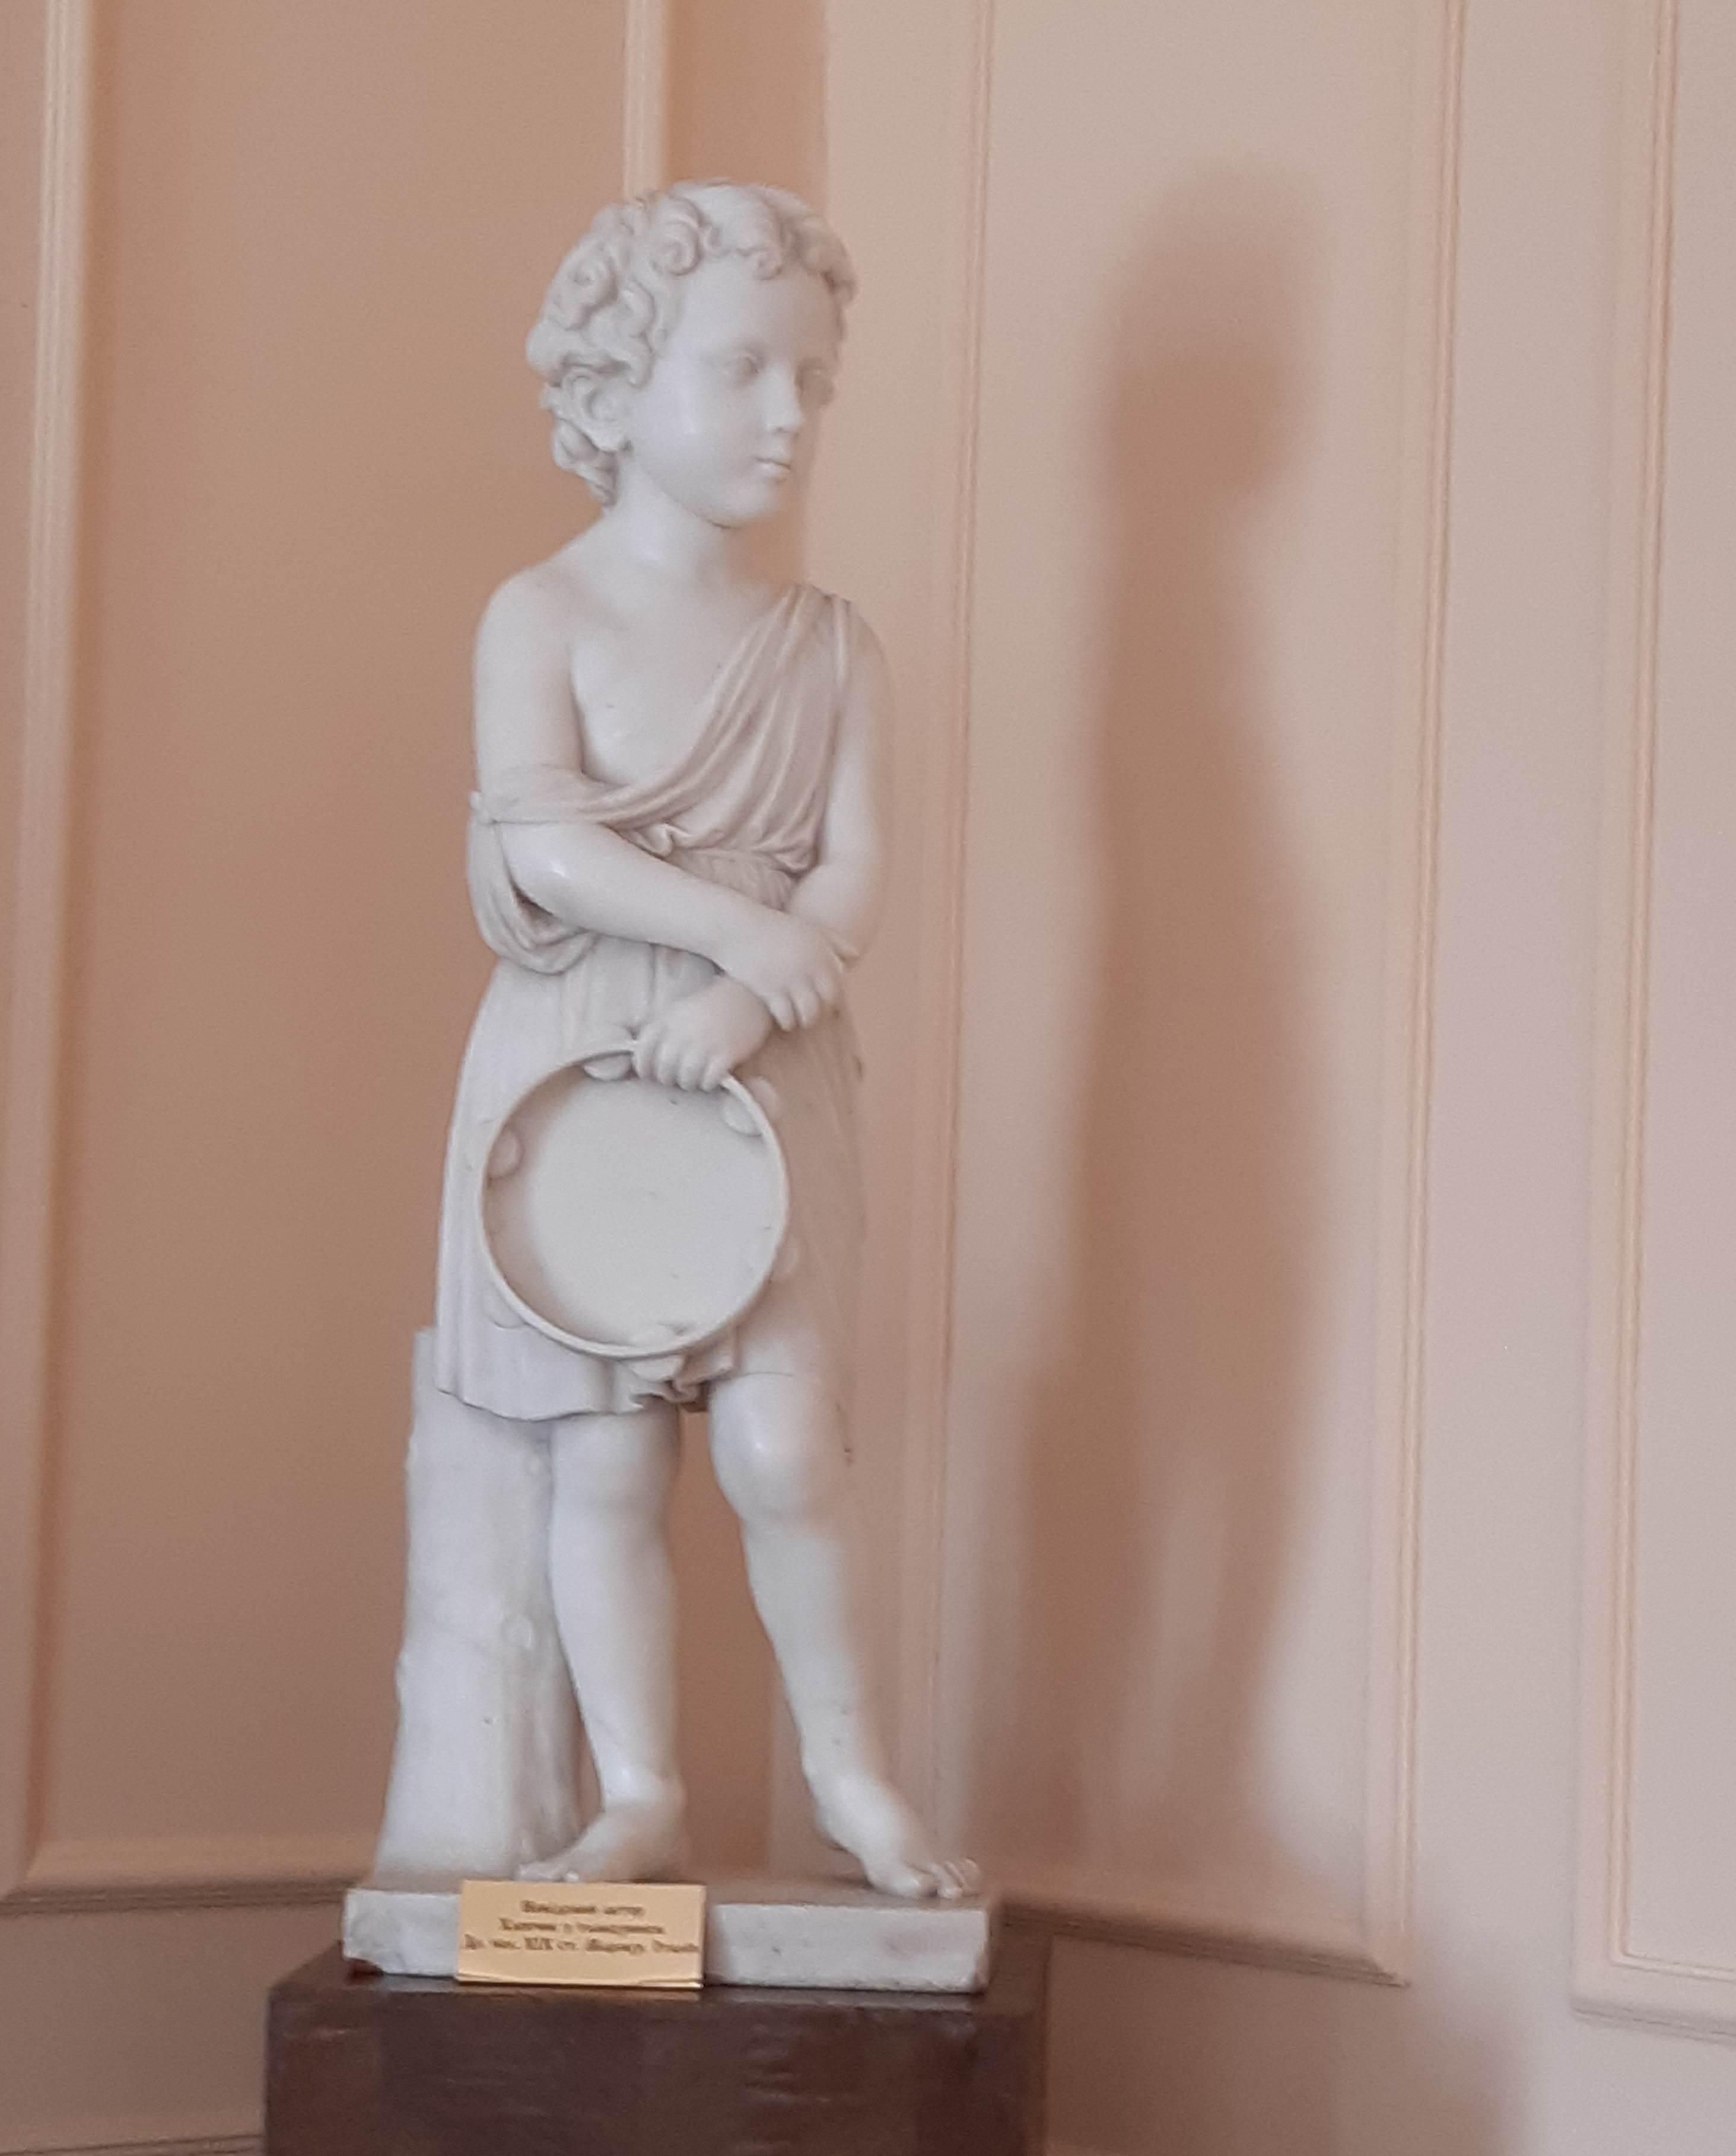 Хлопчик з тамбурином - експонат - оригінал колекції Тарновських